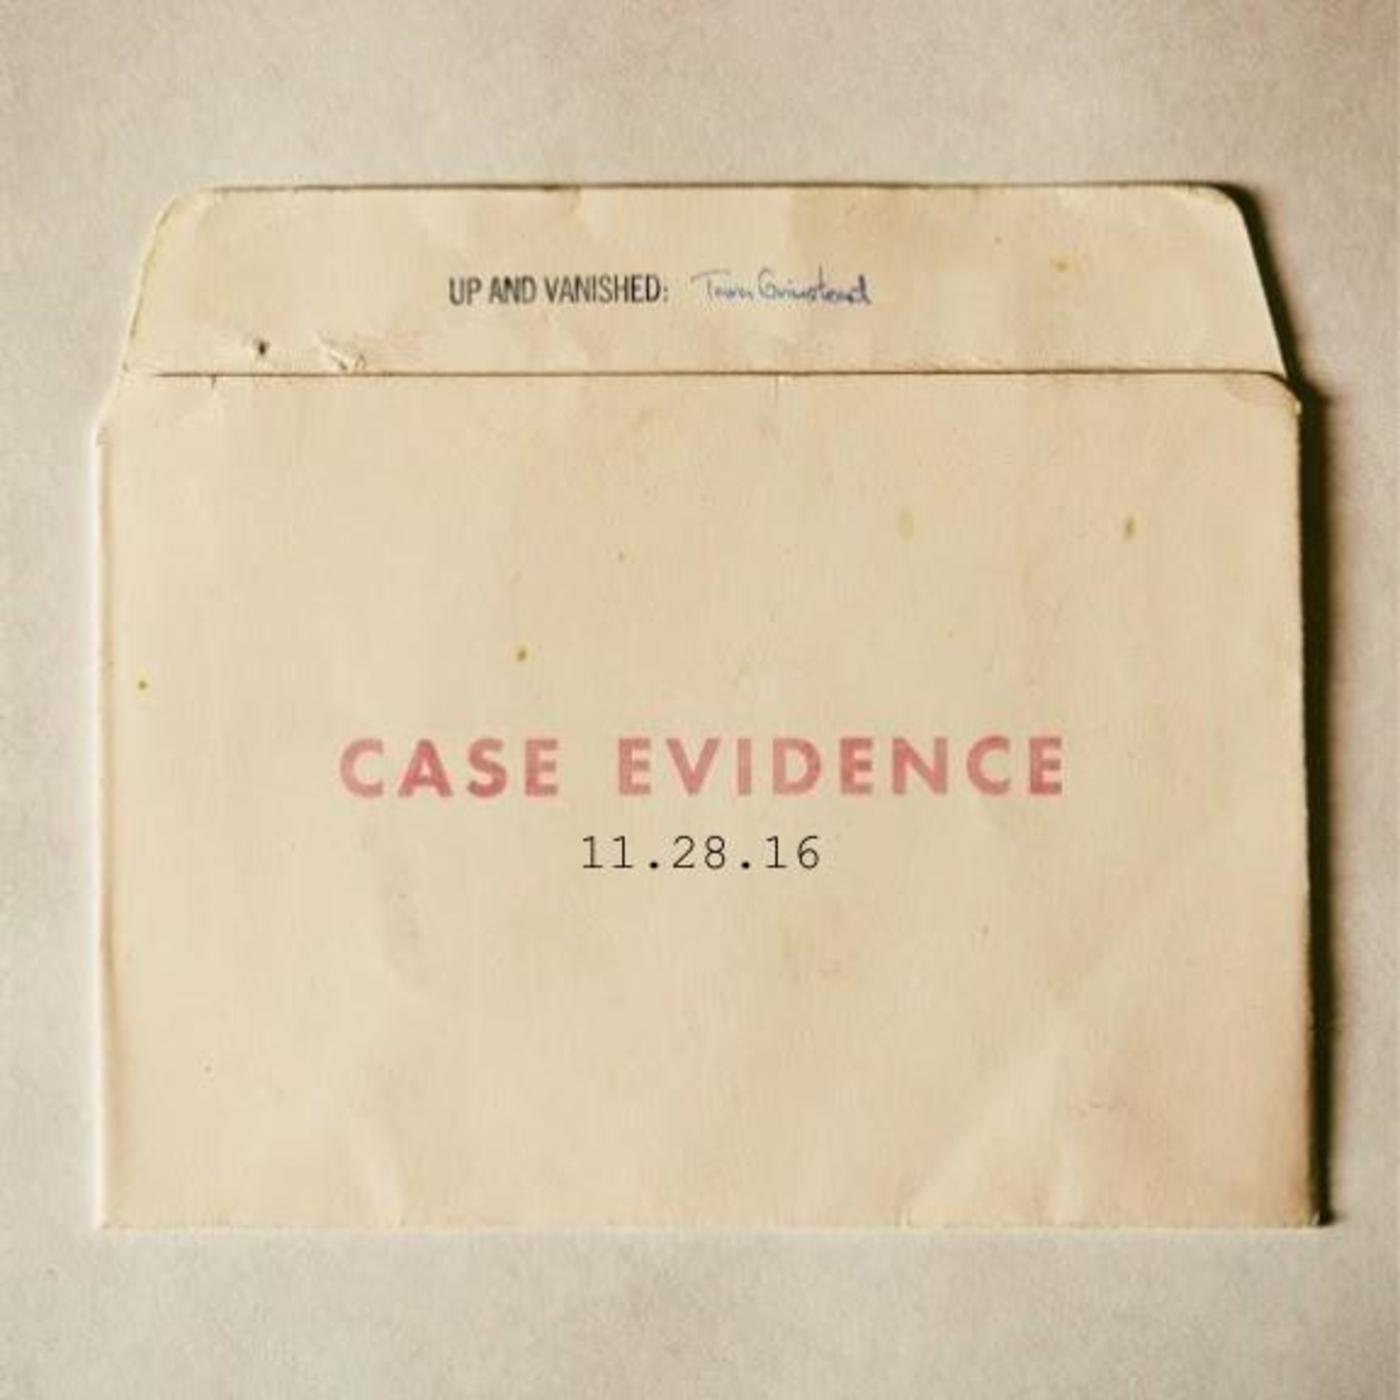 S1E : Case Evidence 11.28.16